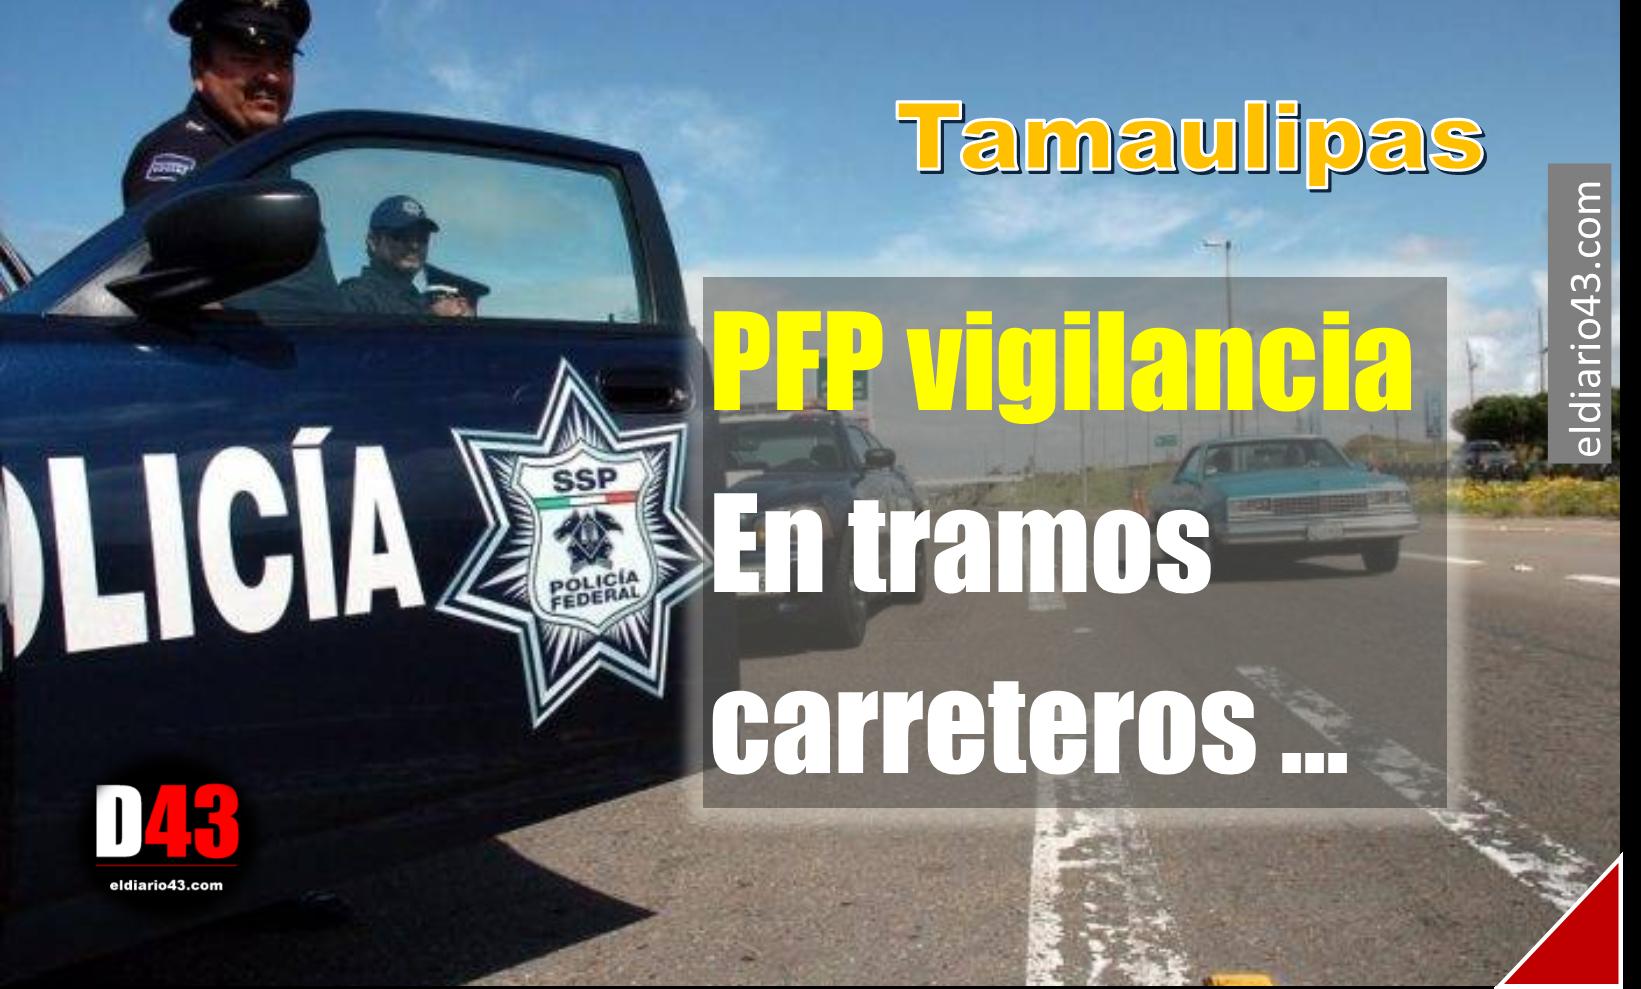 PFP vigilancia en tramos carreteros de San Fernando y Ribereña